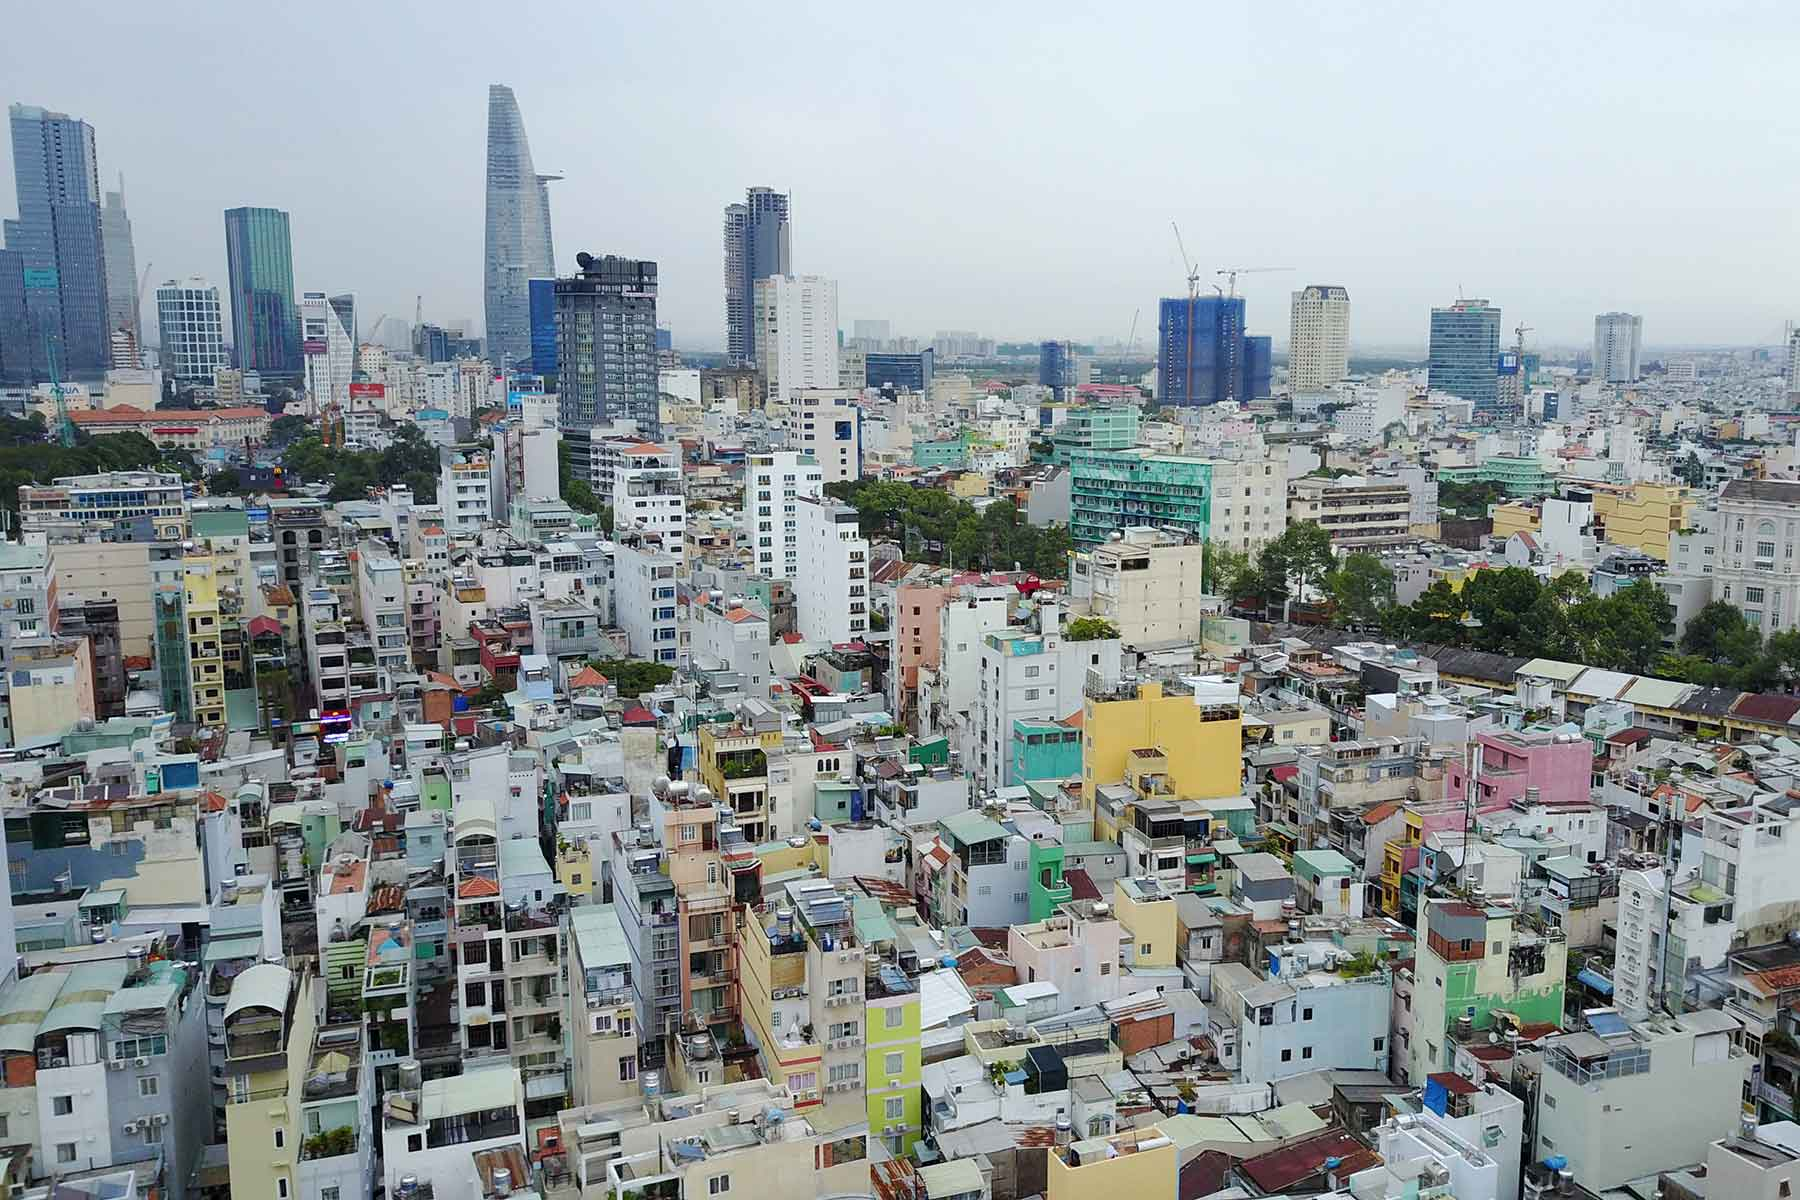 Resor-till-Ho-Chi-Minh-Nygren-Lind-Resebyrå-stadsbild